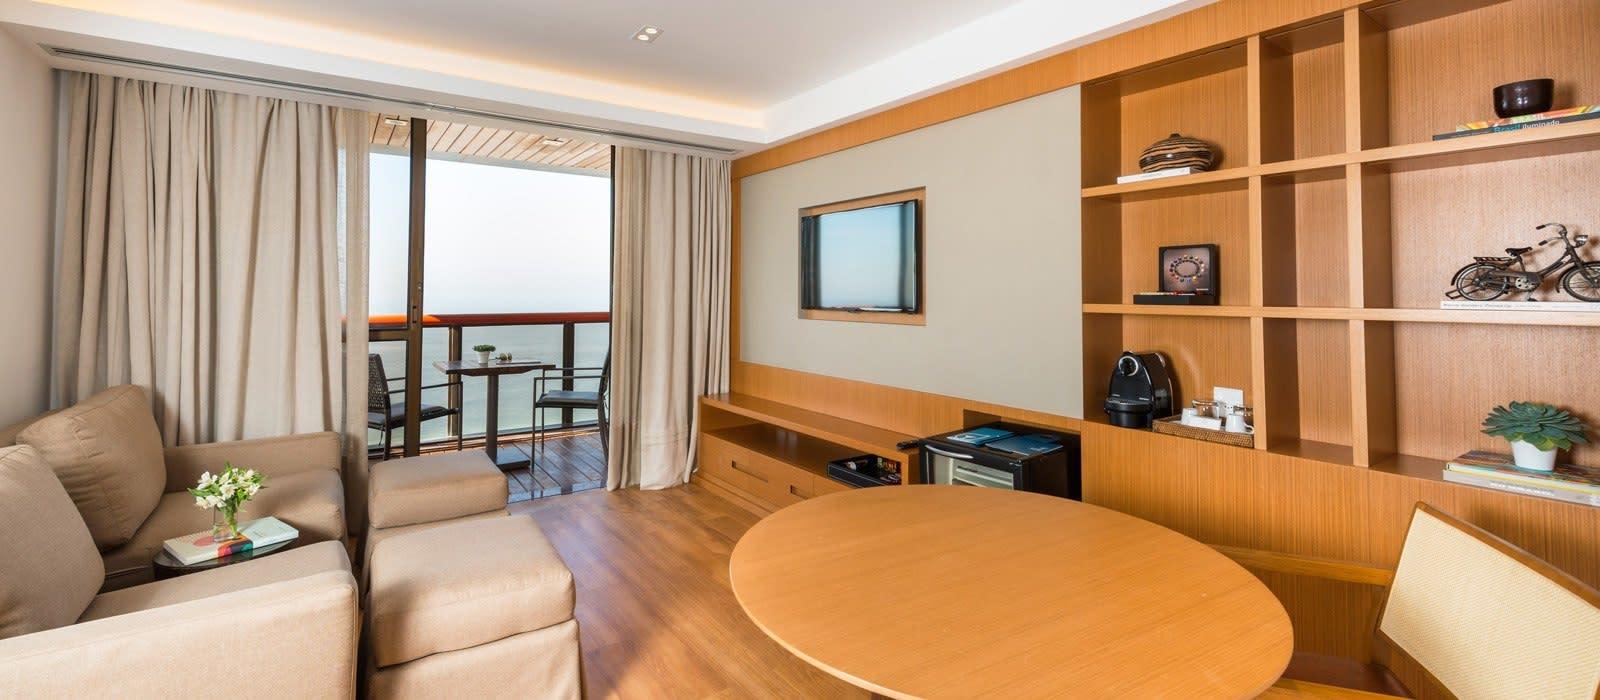 Hotel PortoBay Brasilien